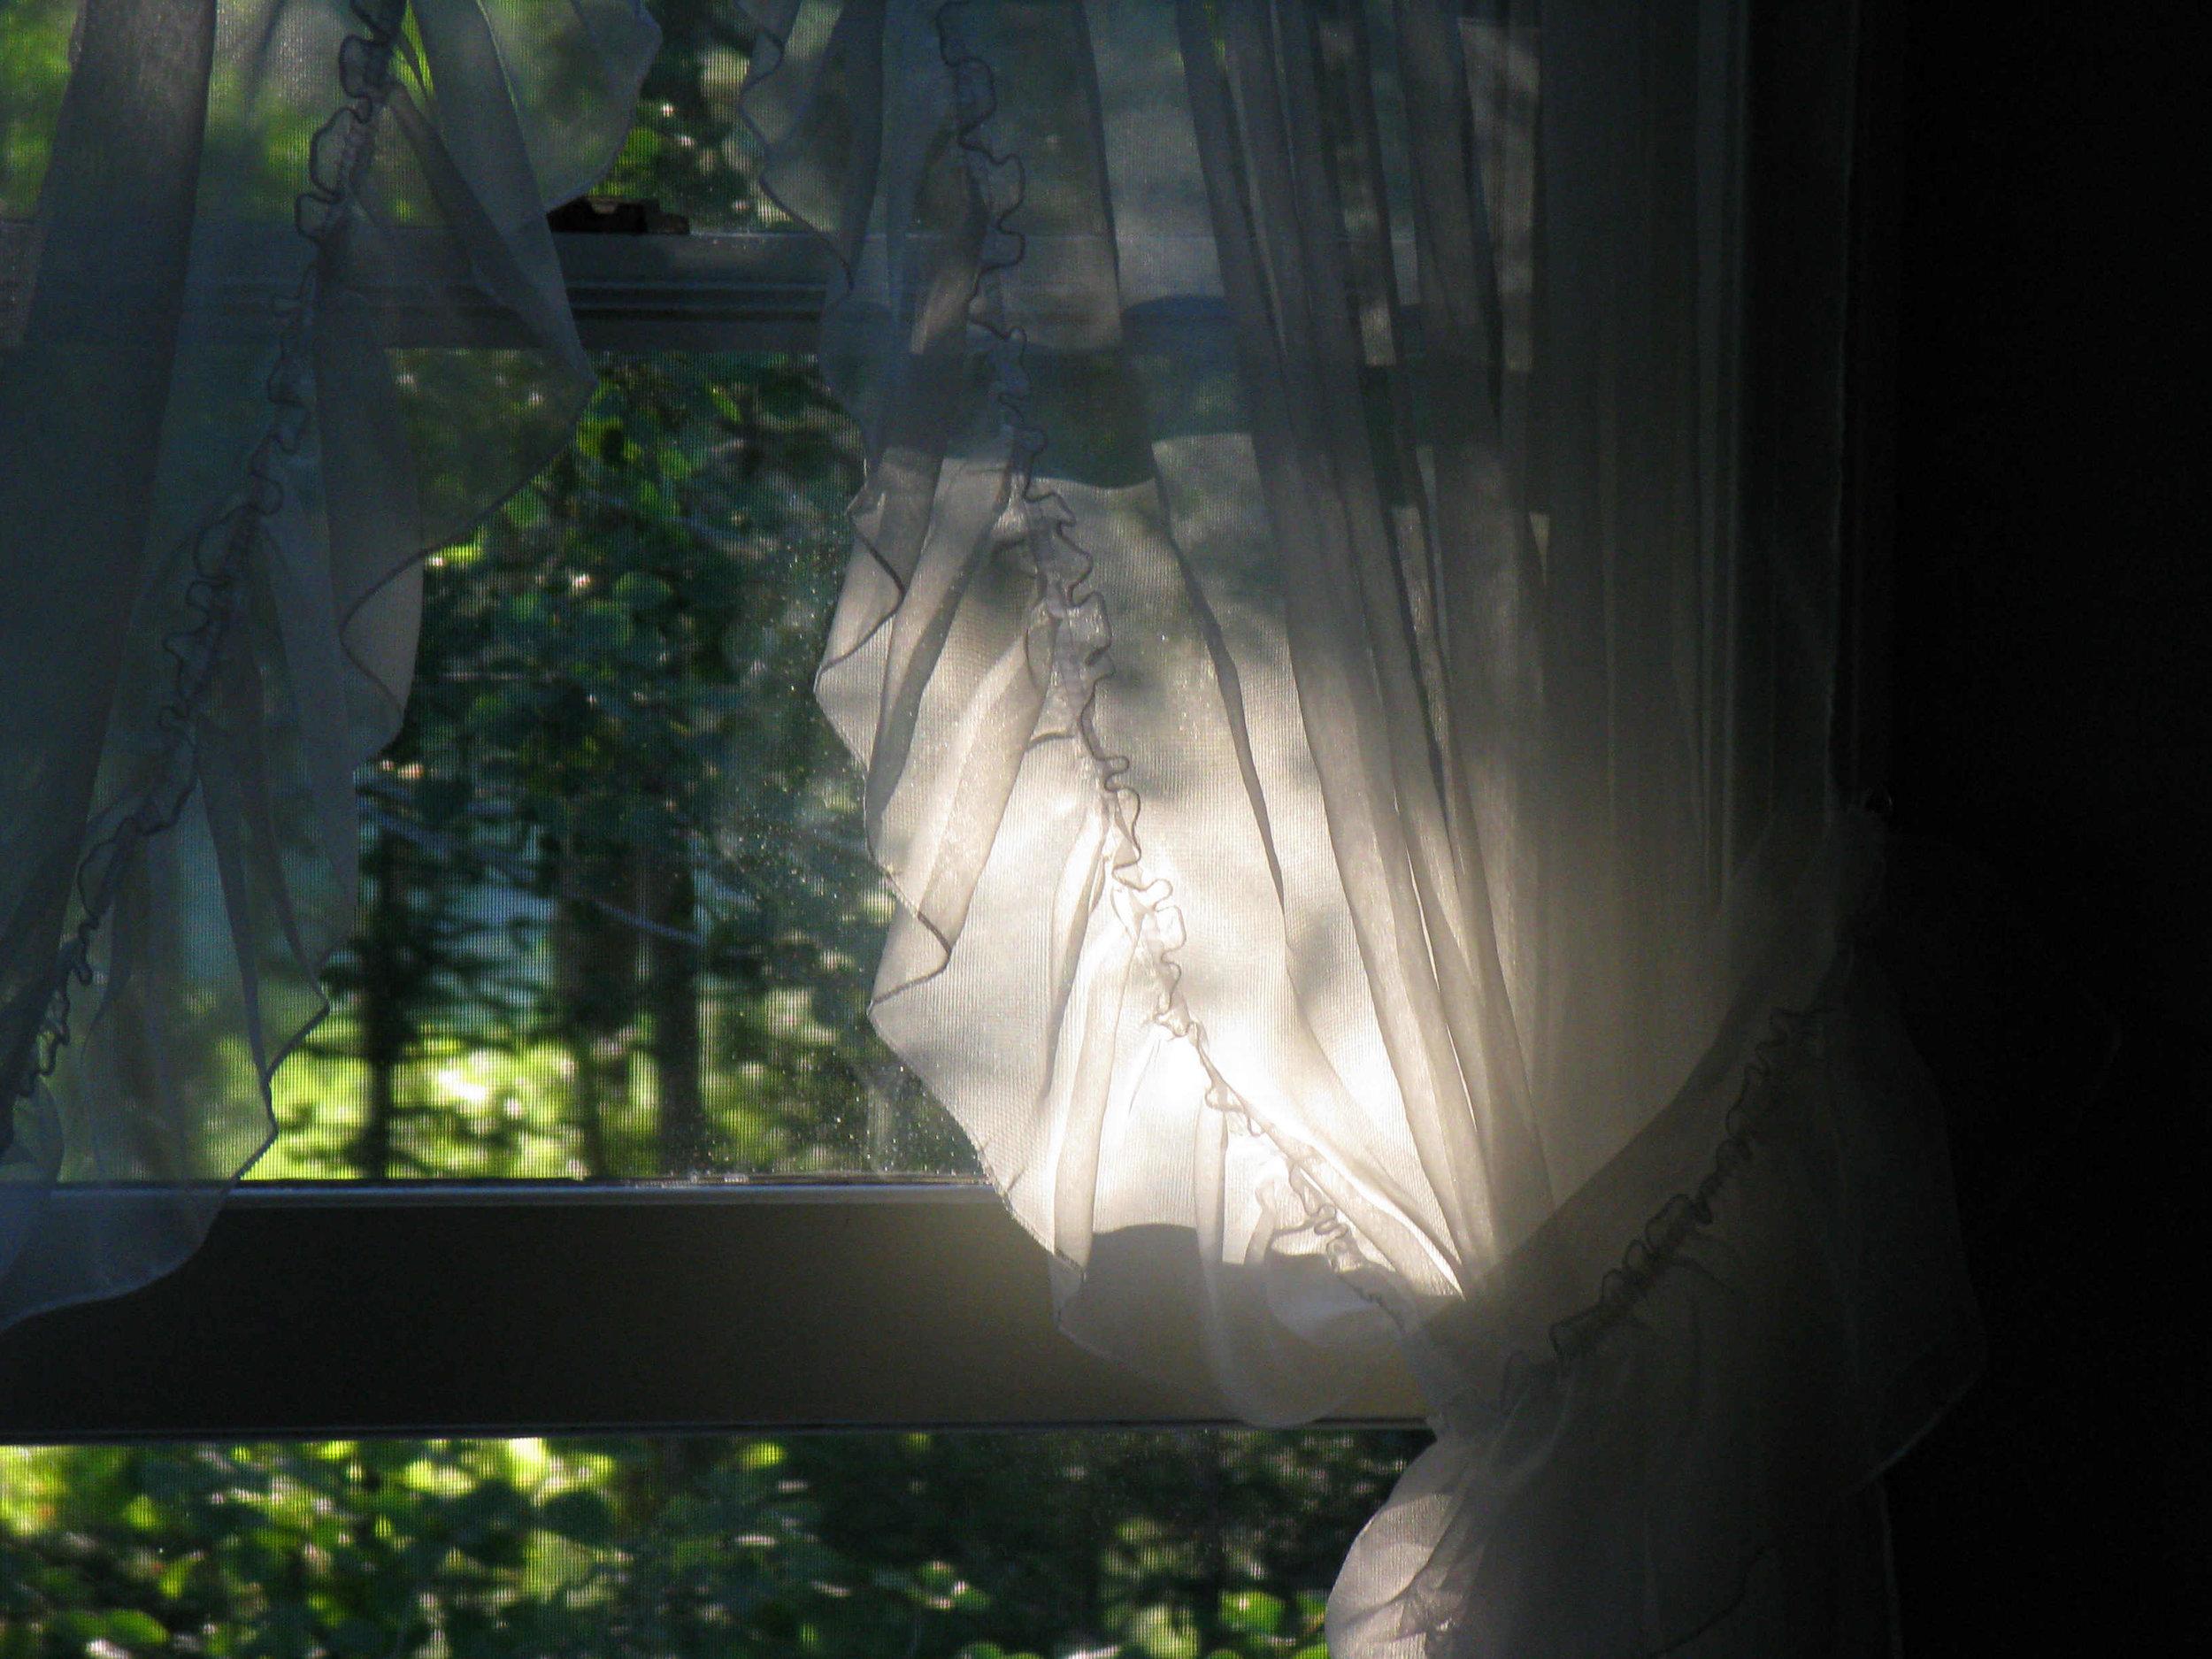 Vermont window view